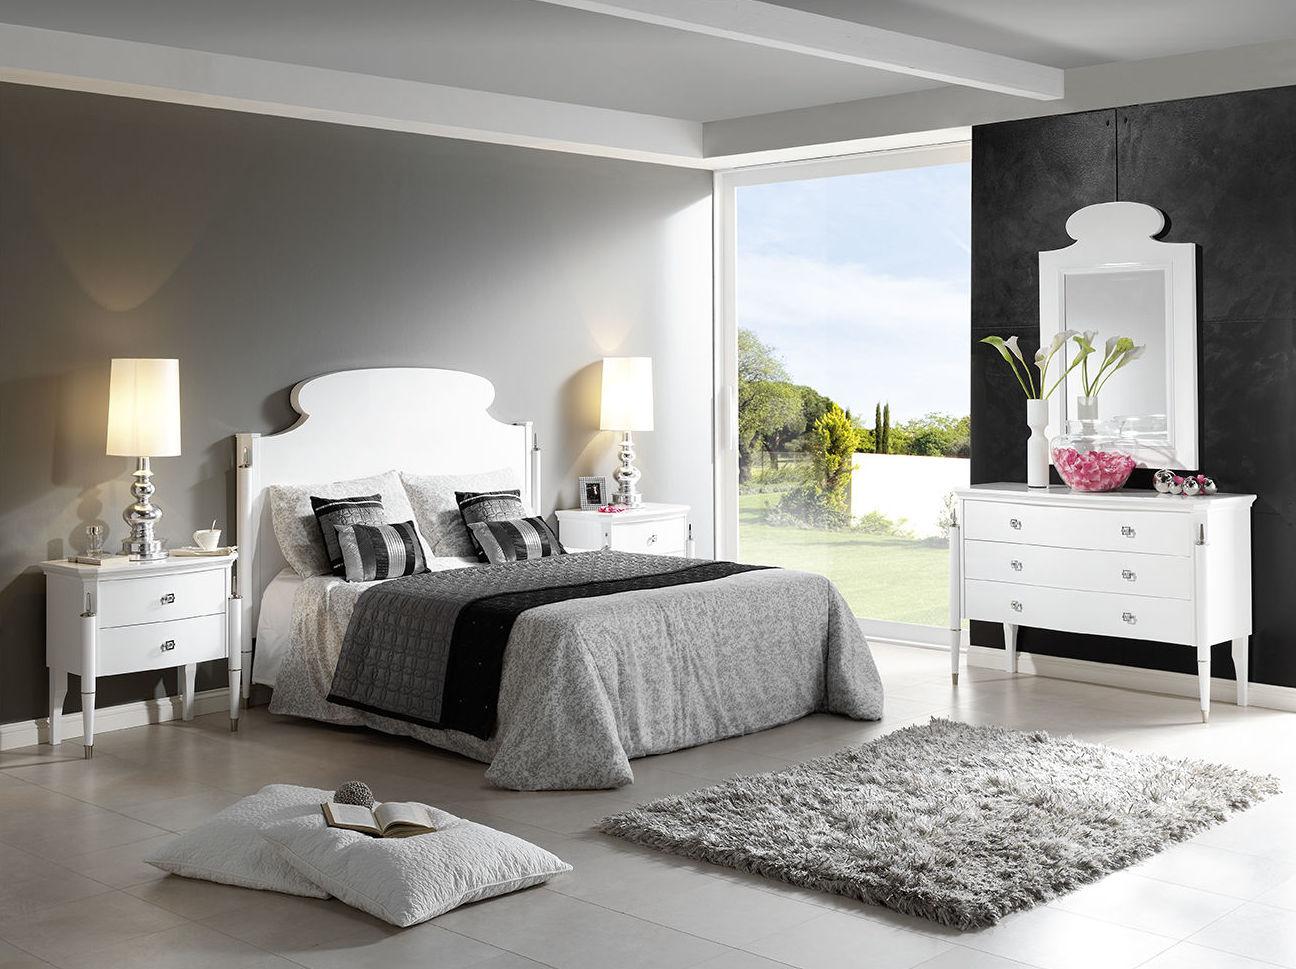 Dormitorio mod 83 Dafne, lacado blanco